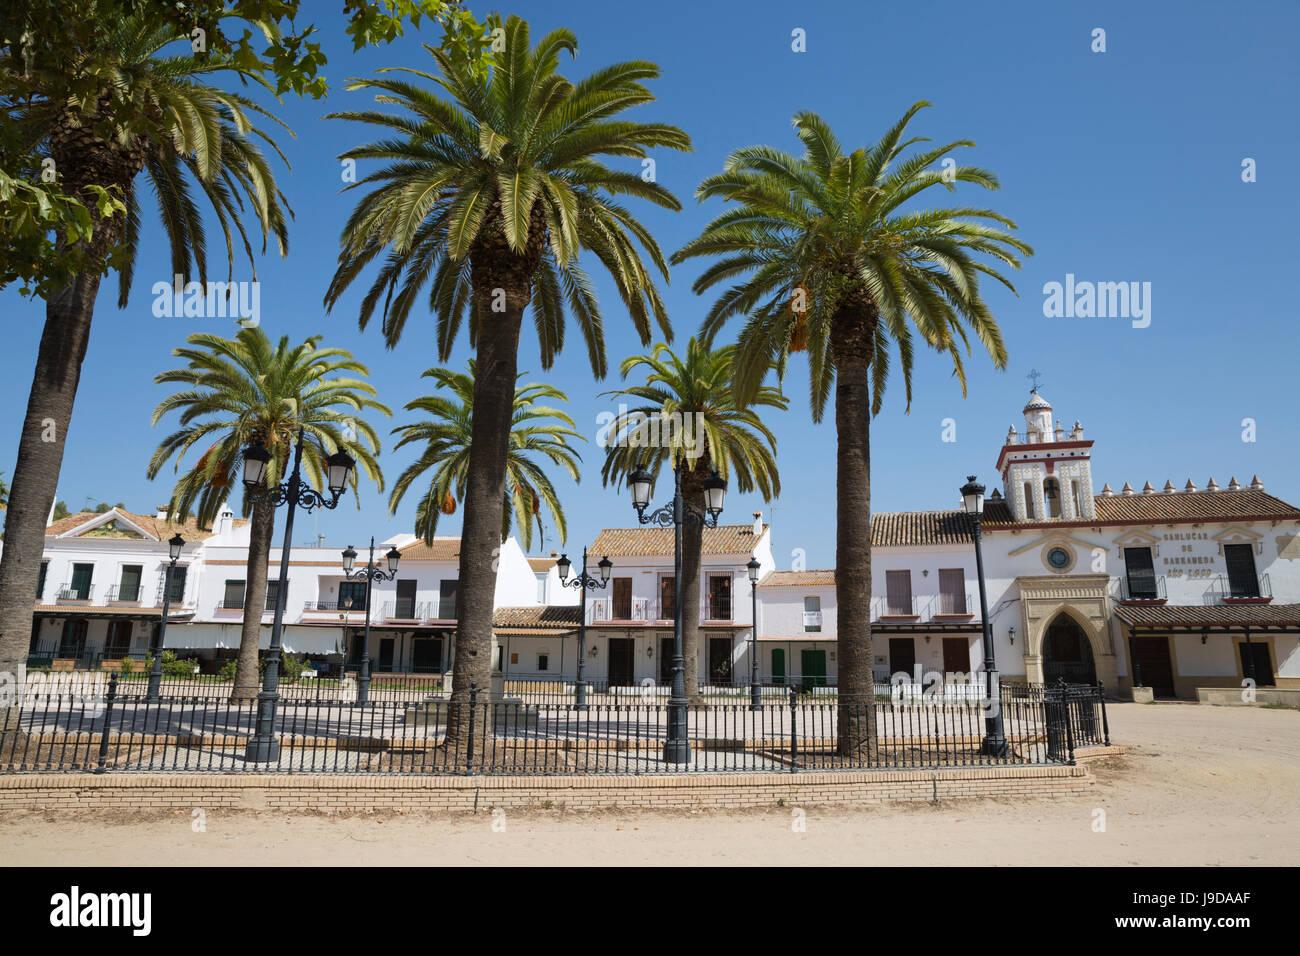 Las calles de arena y casas de hermandad, El Rocío, la provincia de Huelva, Andalucía, España, Europa Imagen De Stock